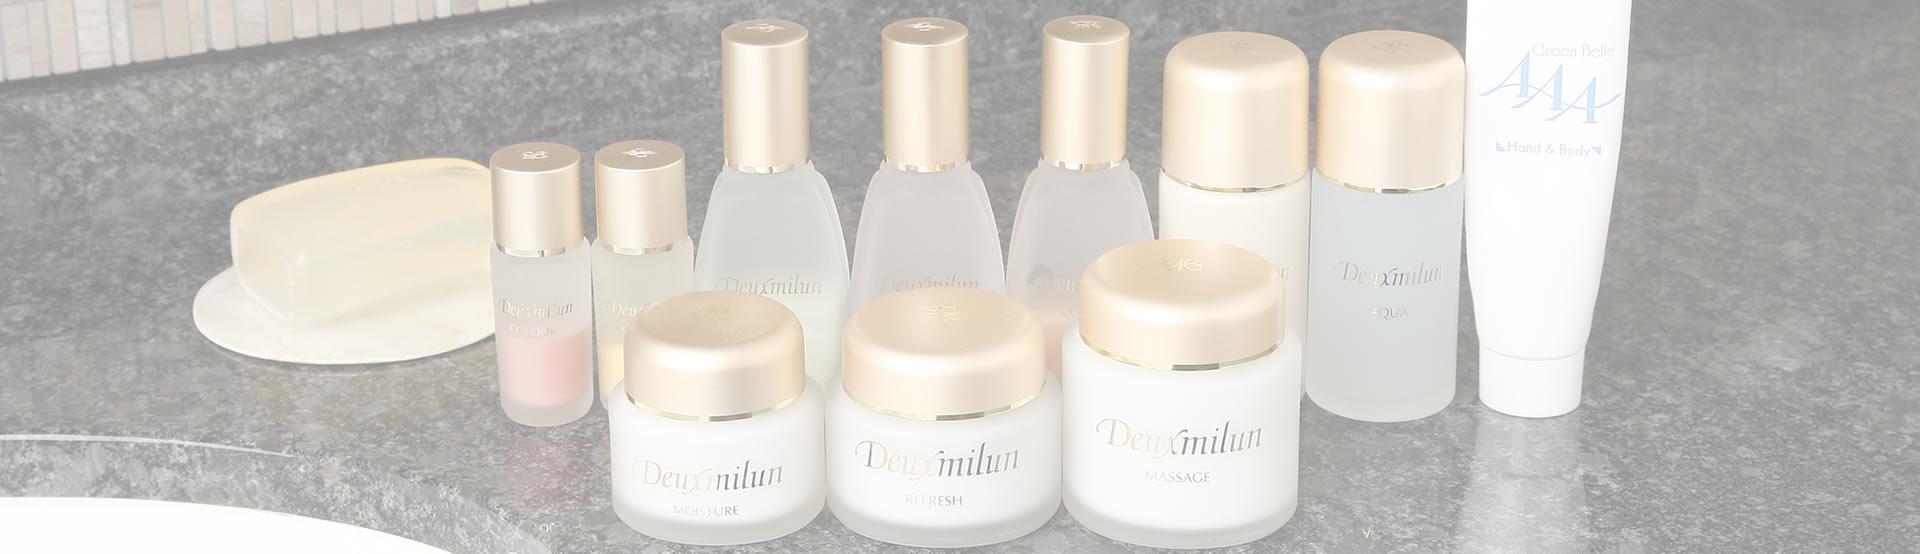 素肌美サロン|安全な化粧品の購入・販売・使い方